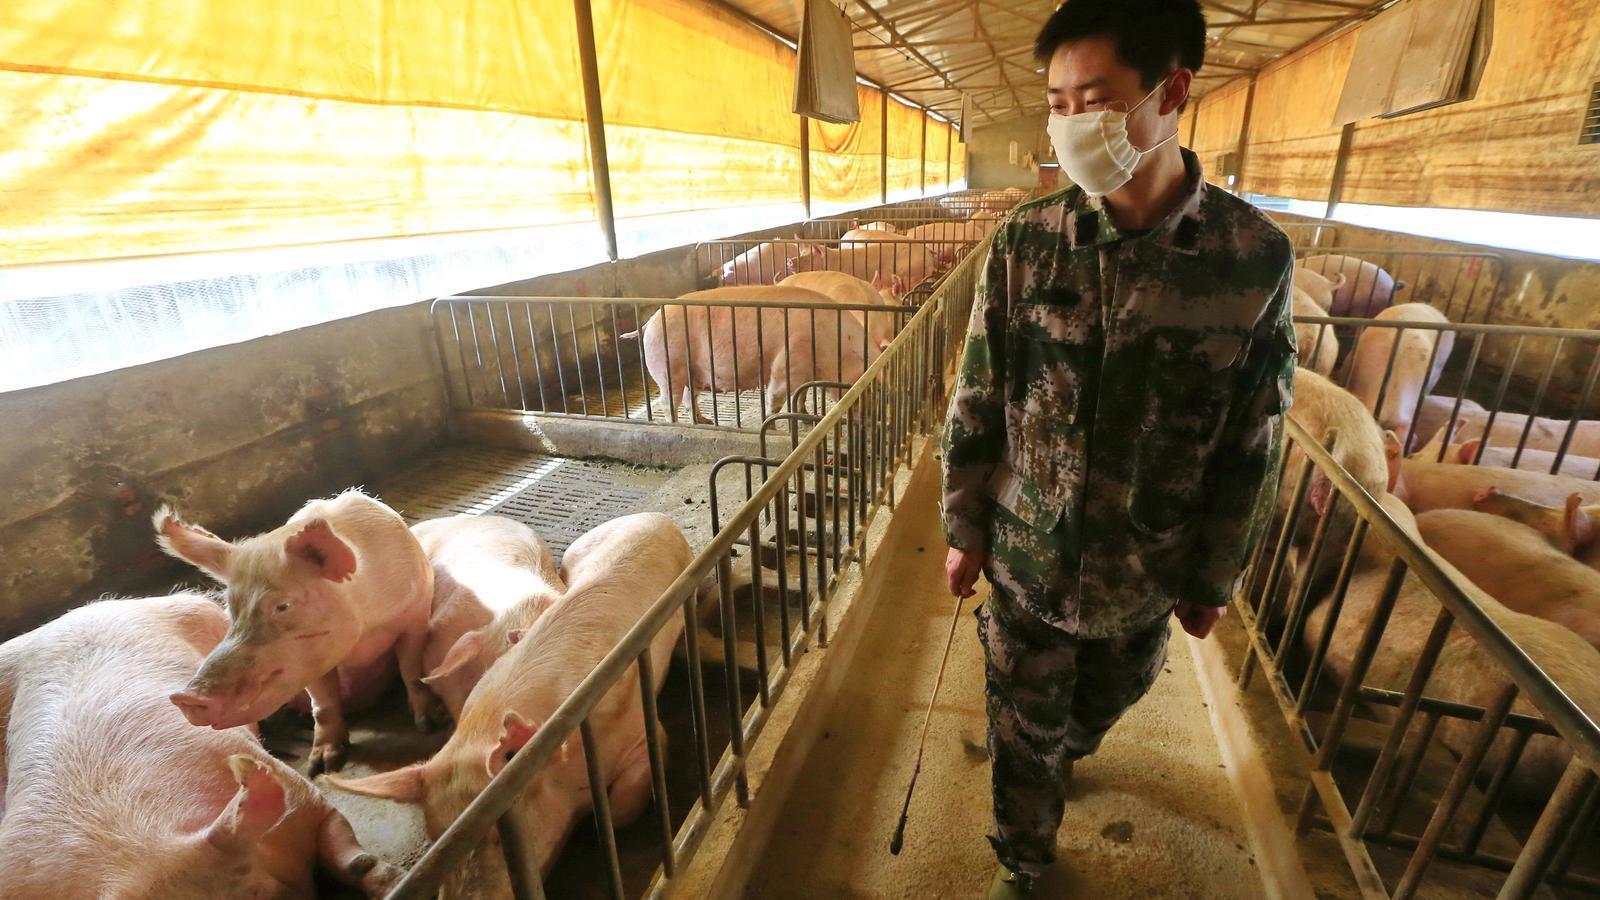 Un home en una granja de porcs a la província de Sichuan, a la Xina.